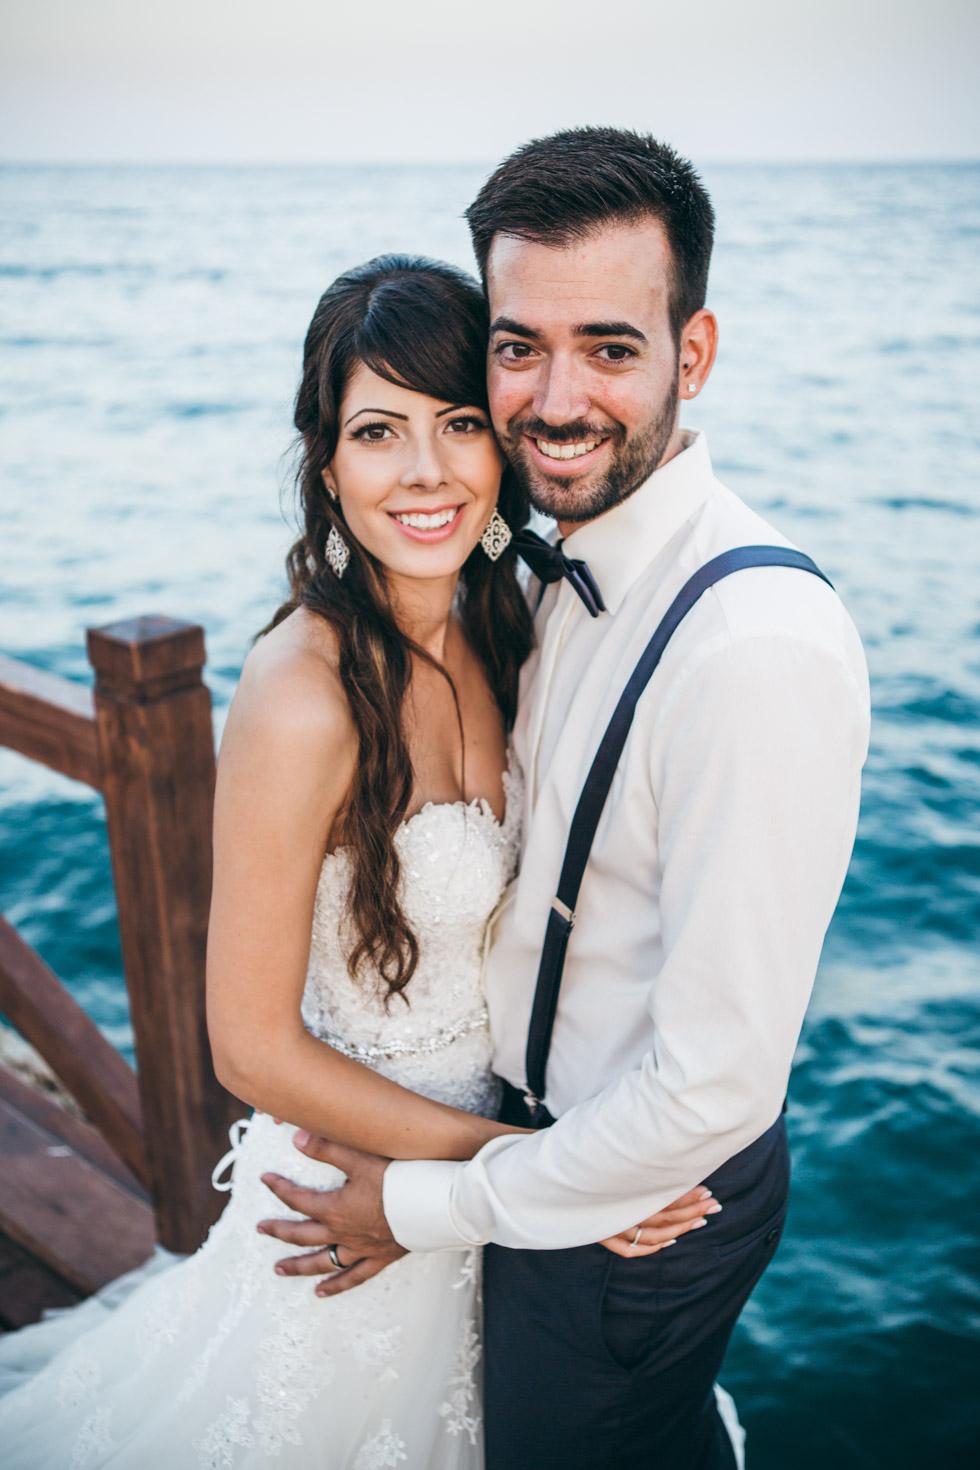 fotografo bodas marbella-40